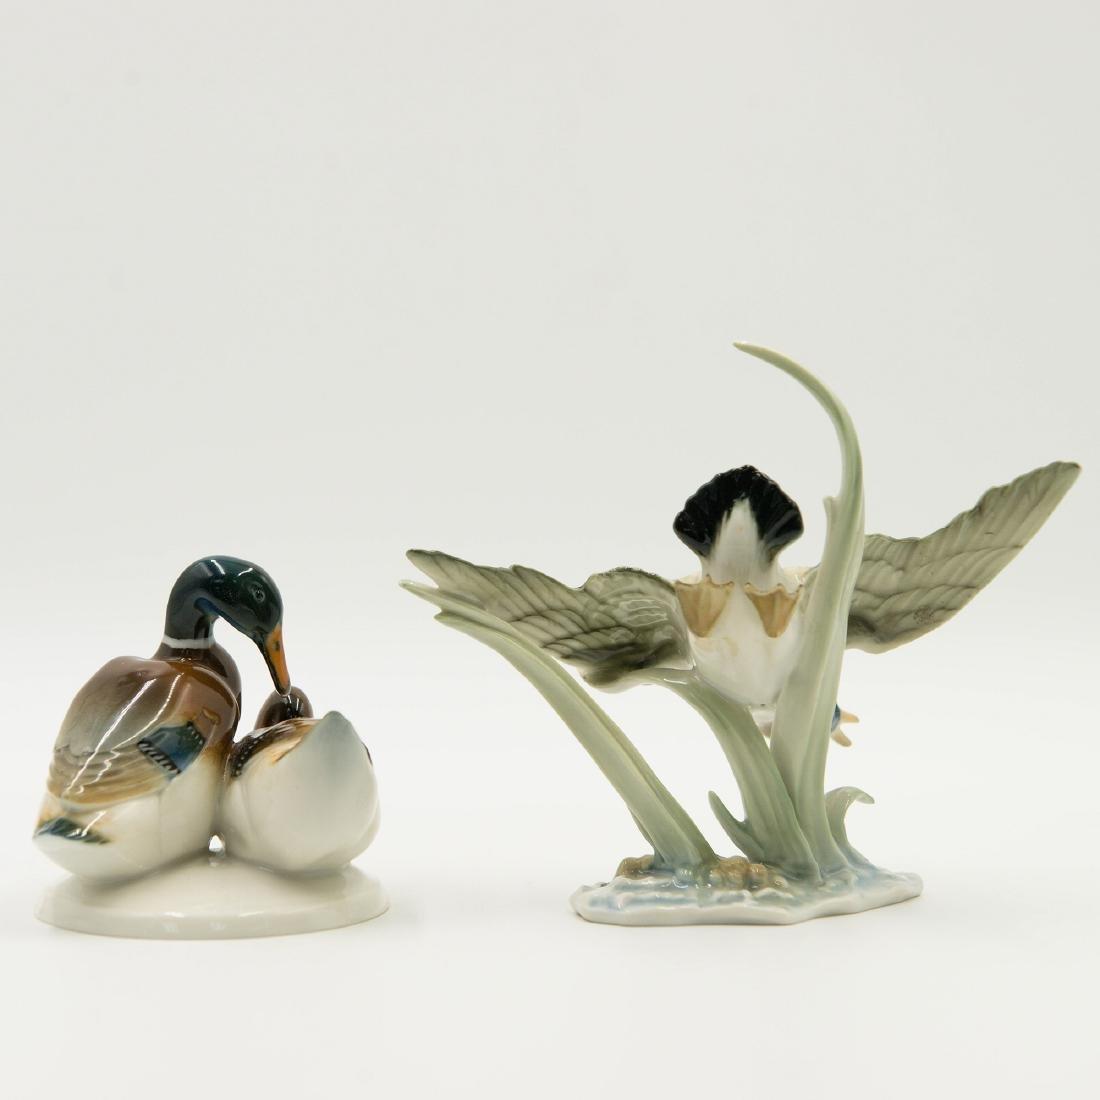 Pair of Hutschenreuther Duck Figurines - 2